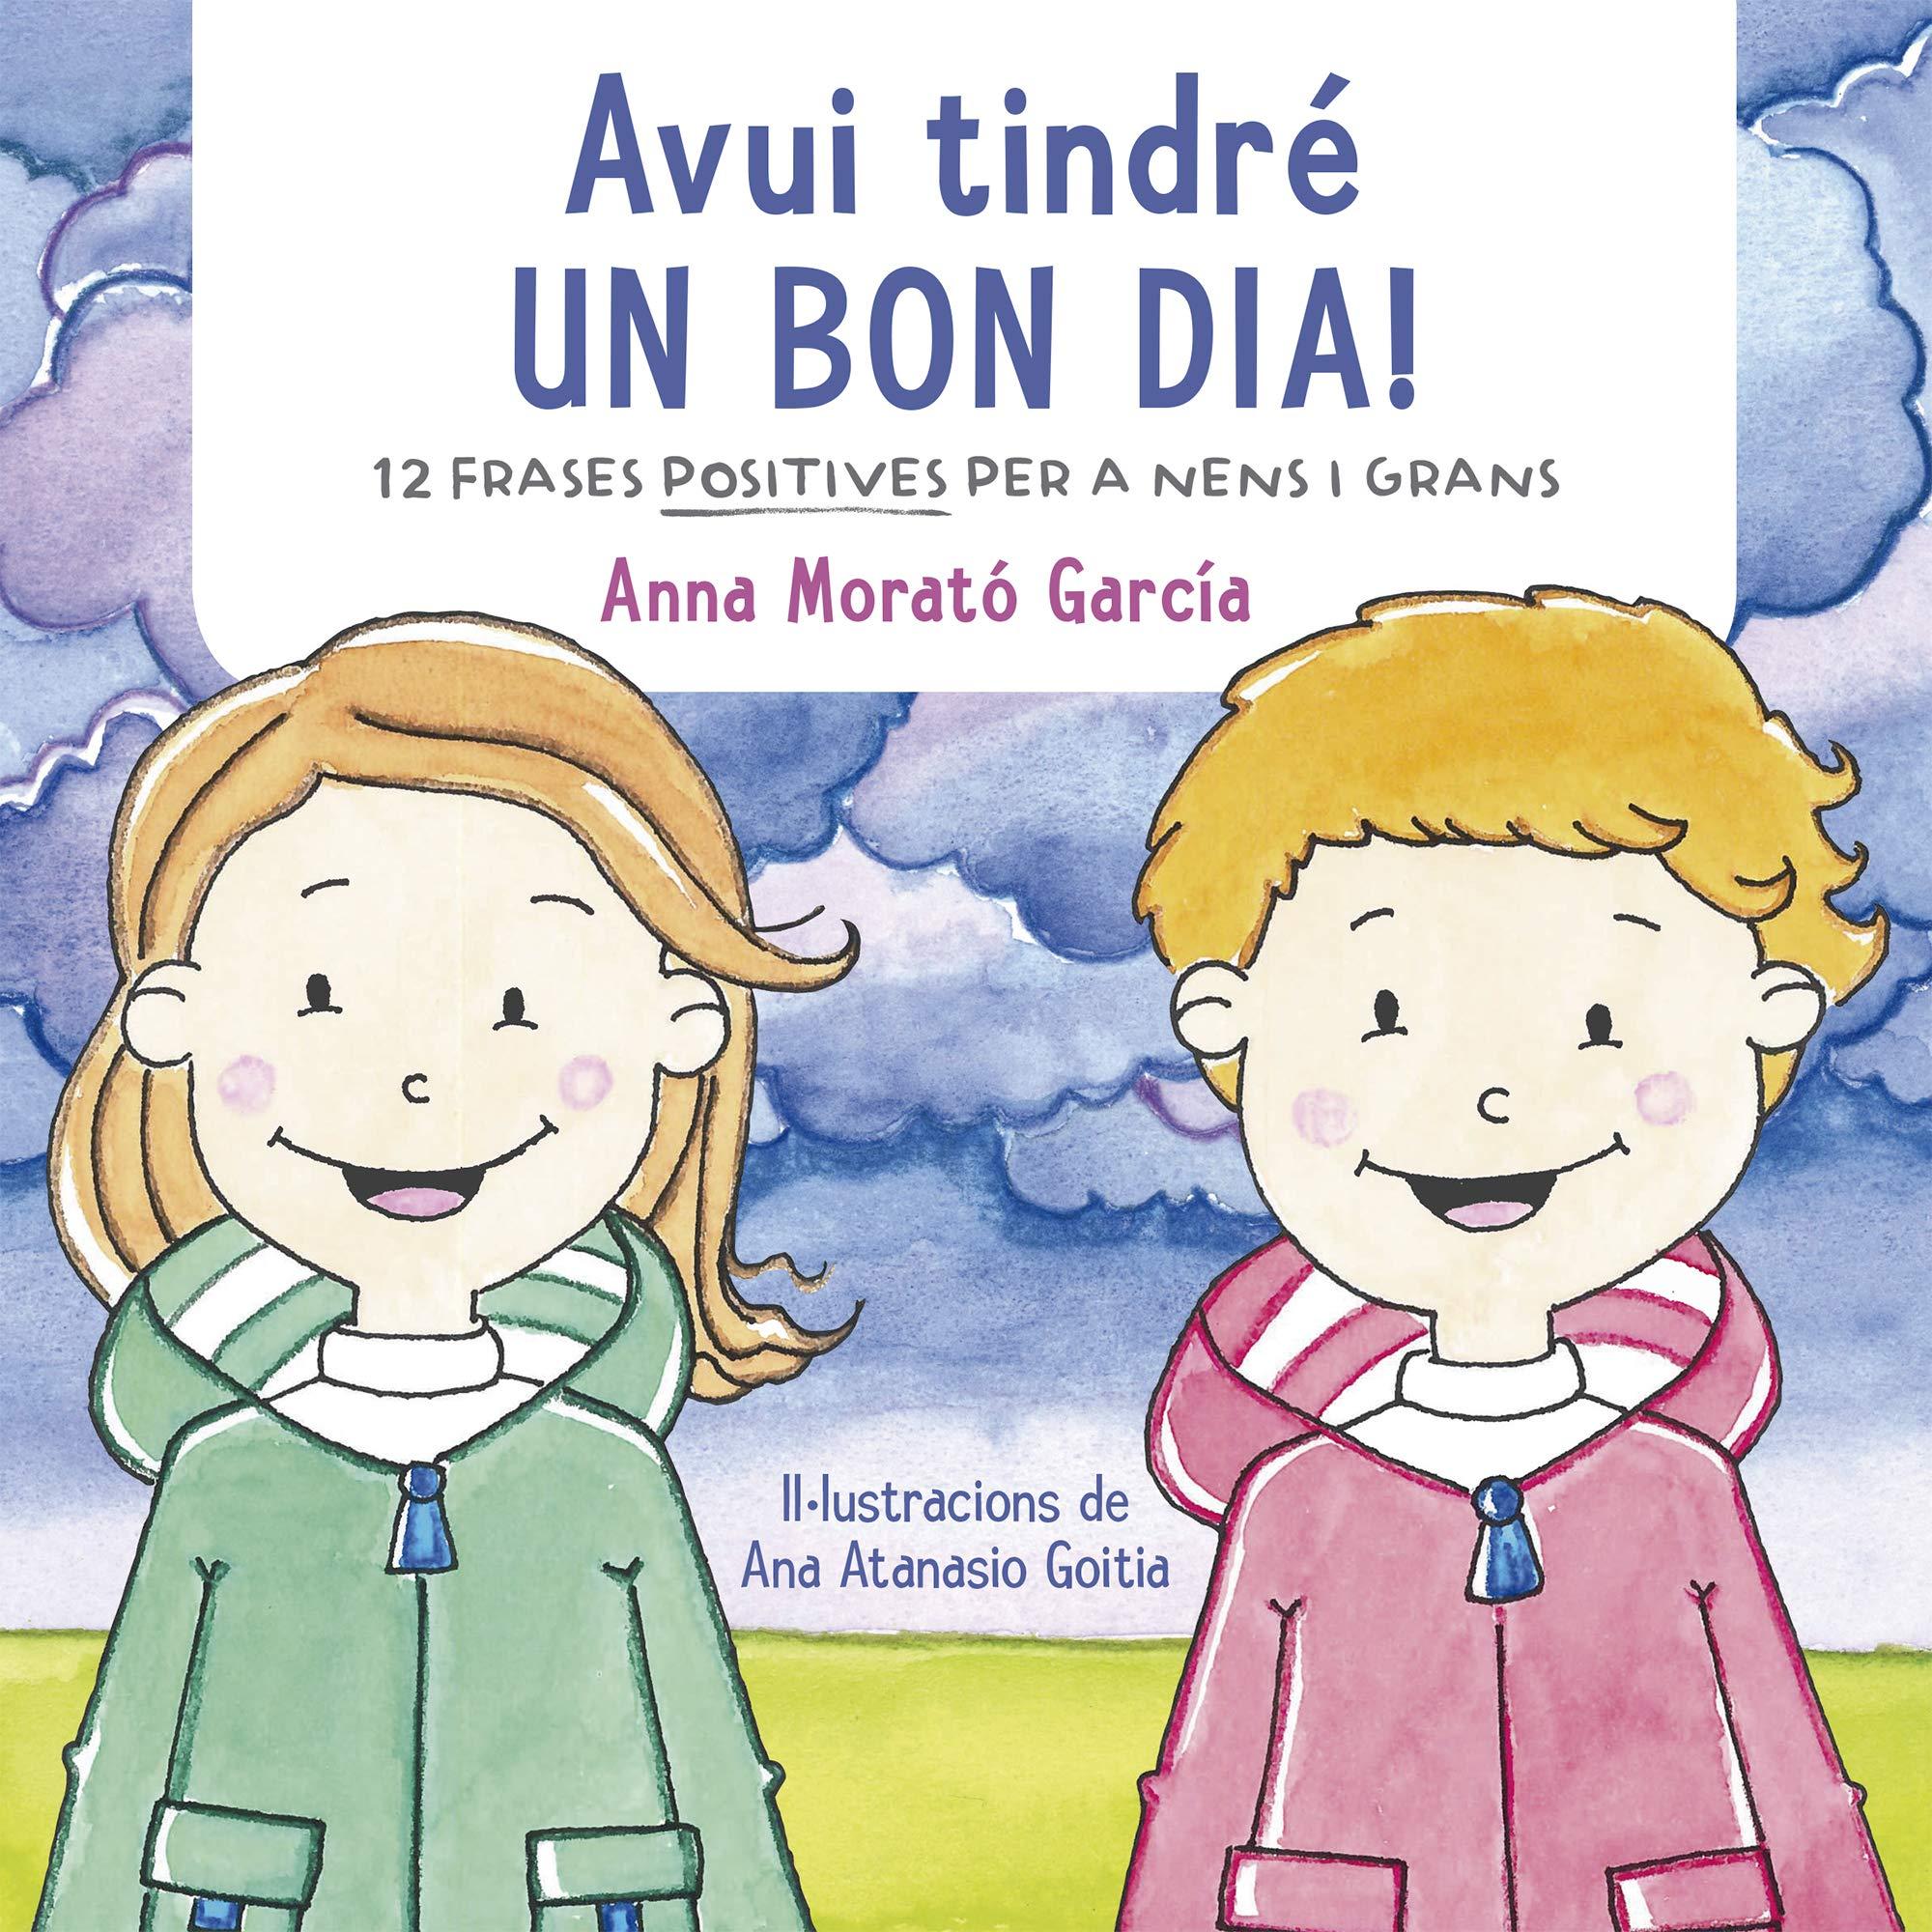 Avui tindré un bon dia!: Dotze frases positives per a nens i grans:  Amazon.es: Anna Morato García: Libros